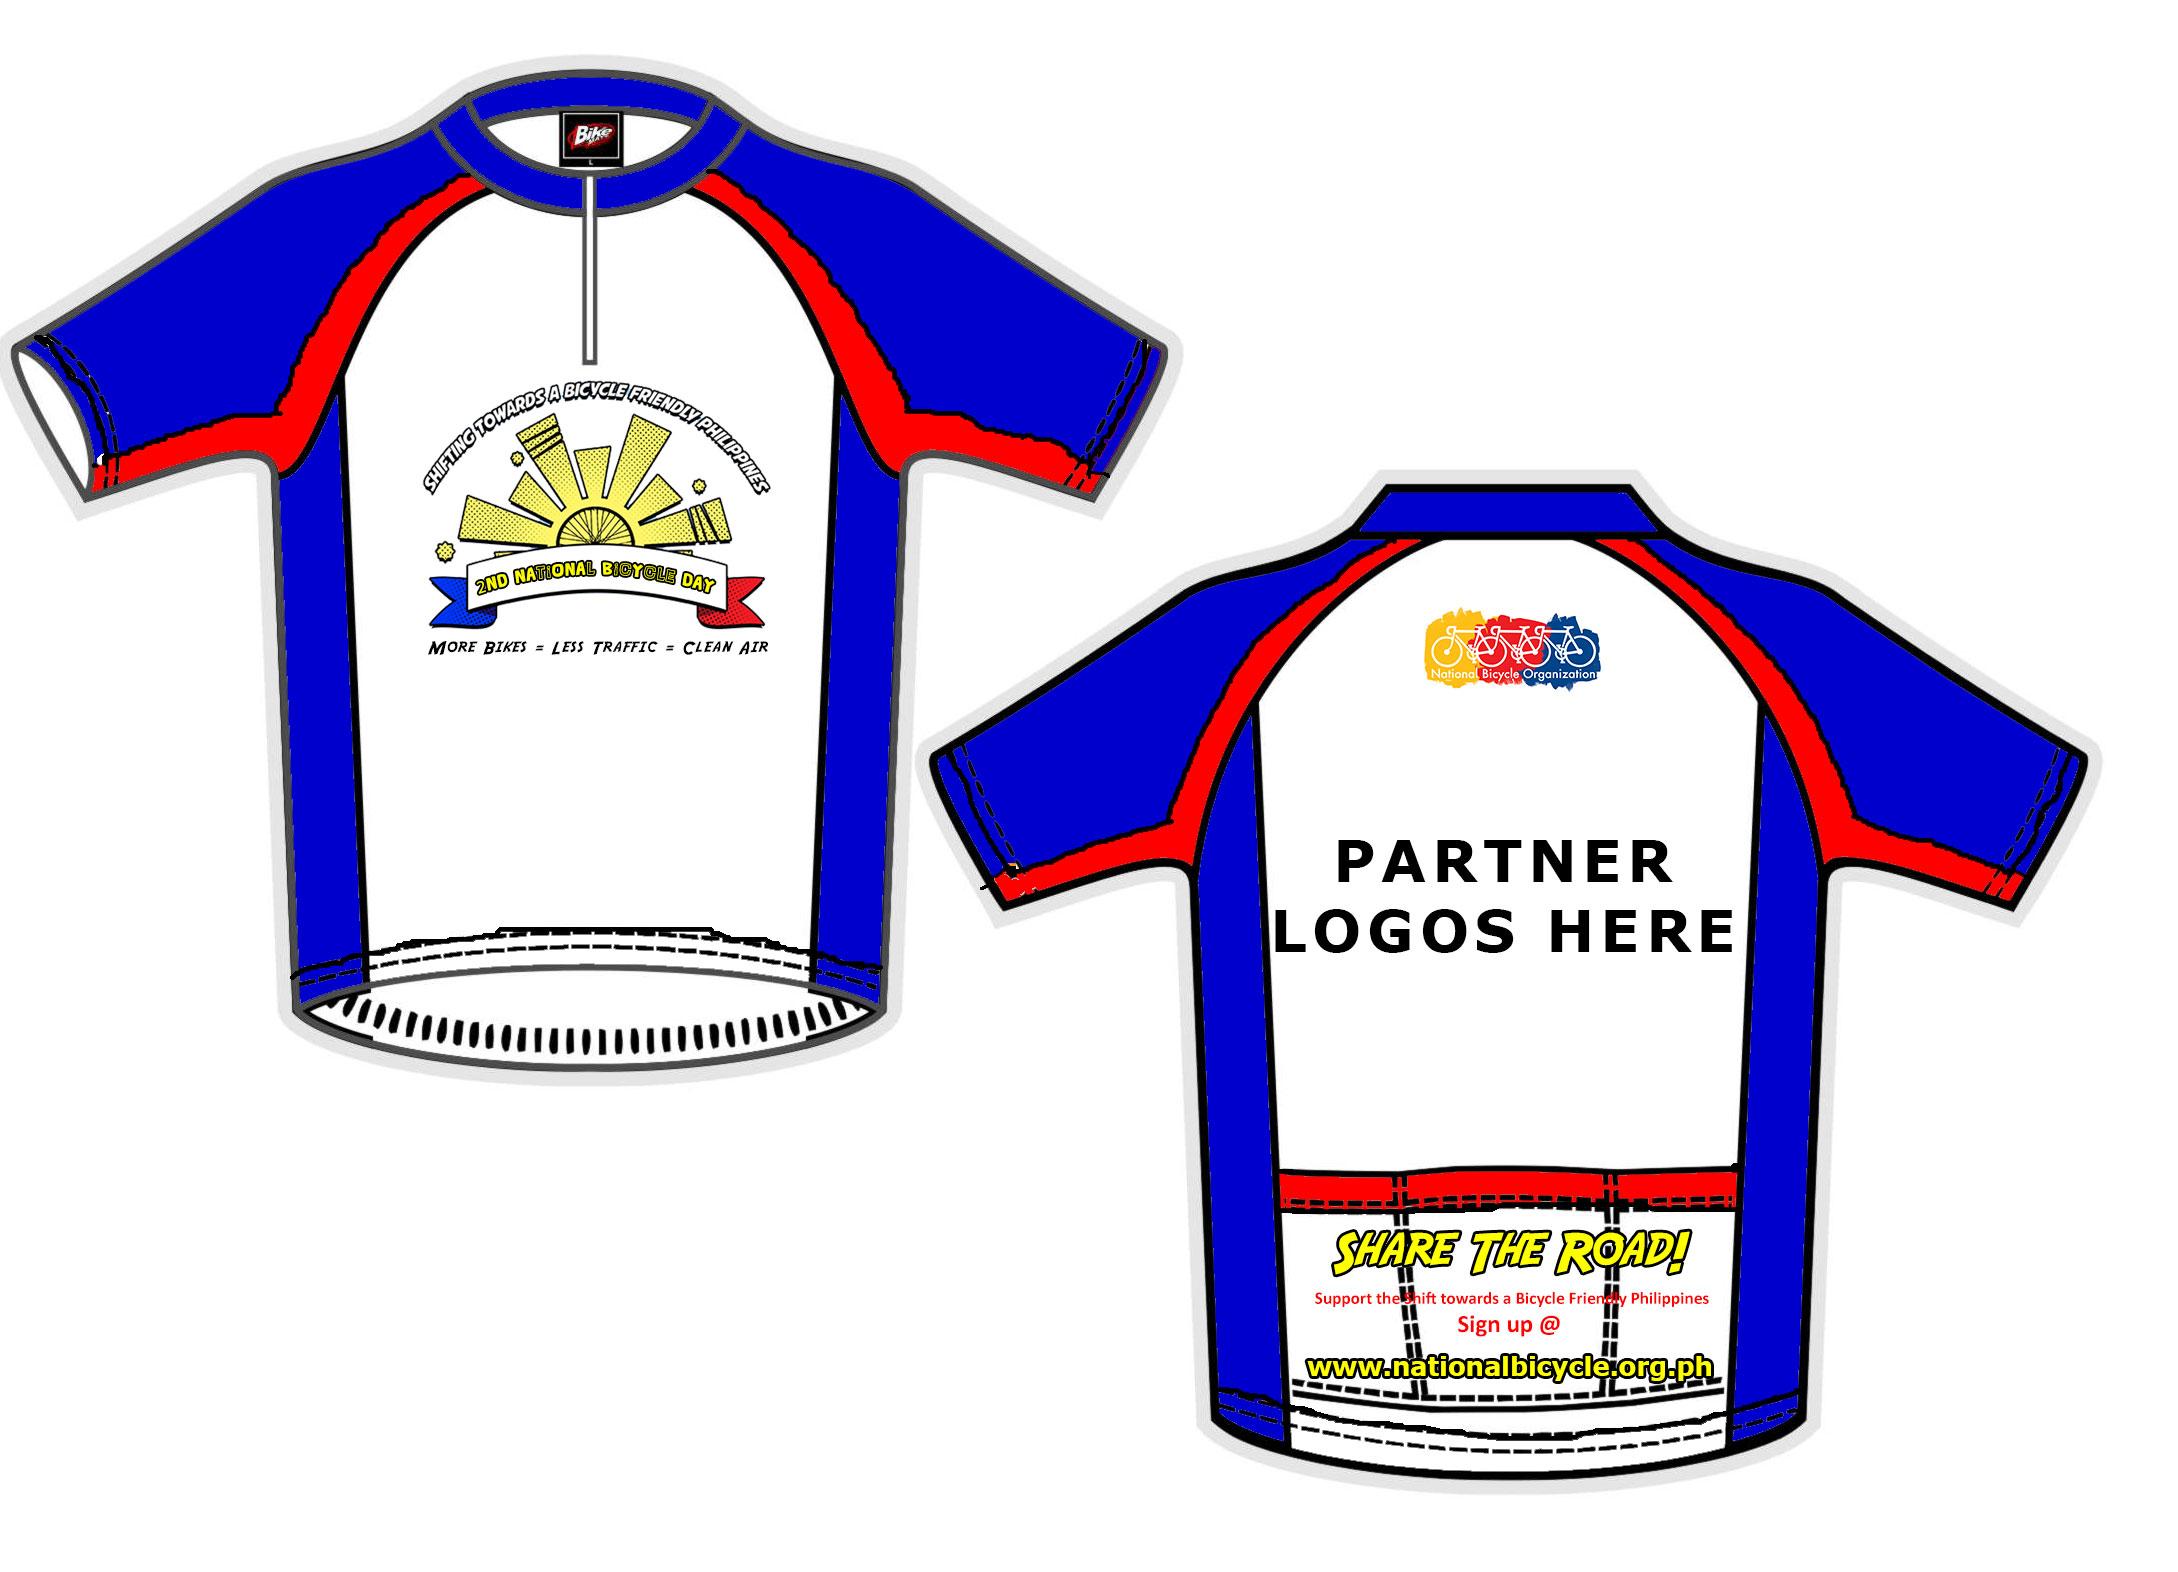 nbd 2 jersey layout